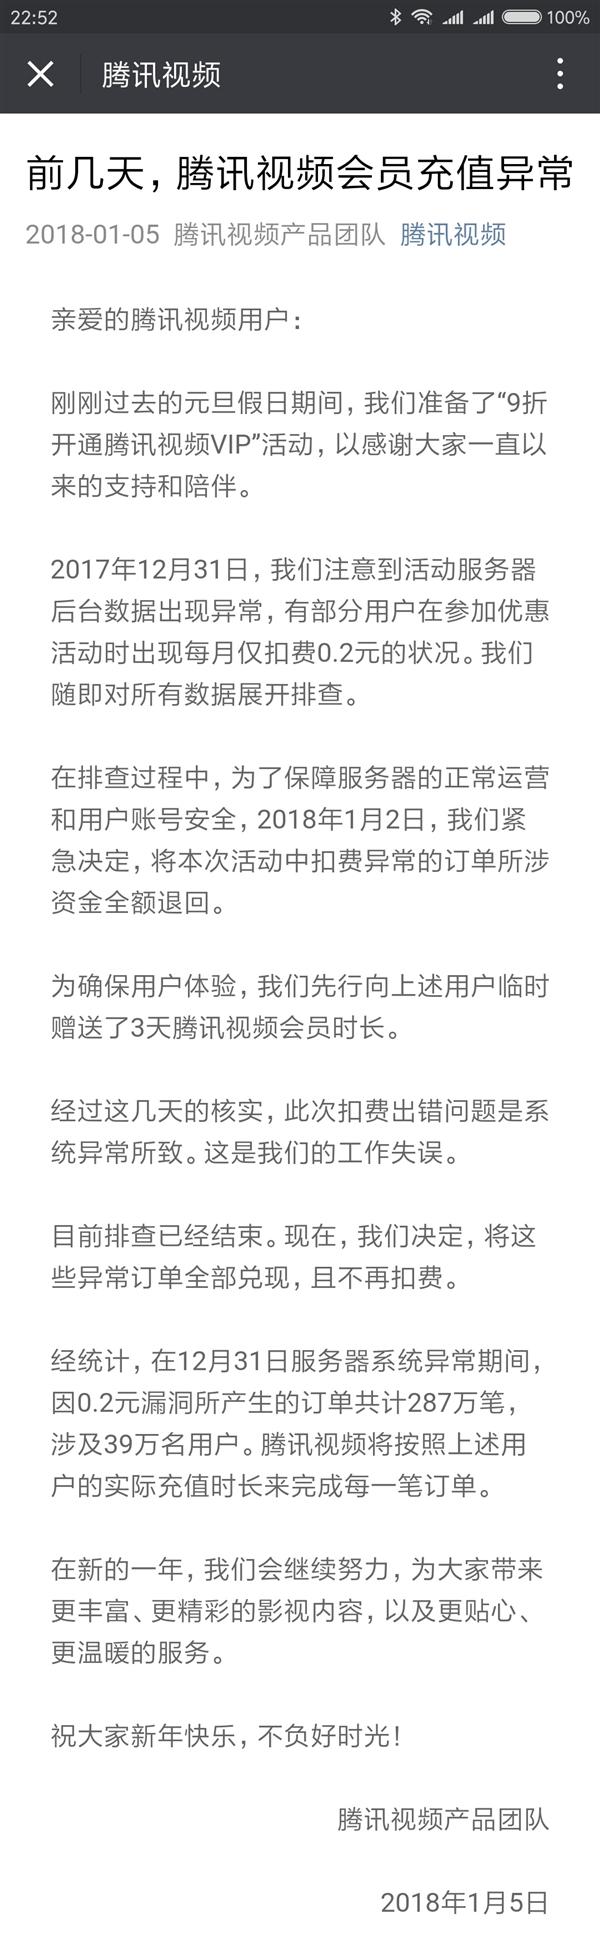 腾讯视频会员0.2元/月遭疯抢!官方全部兑现